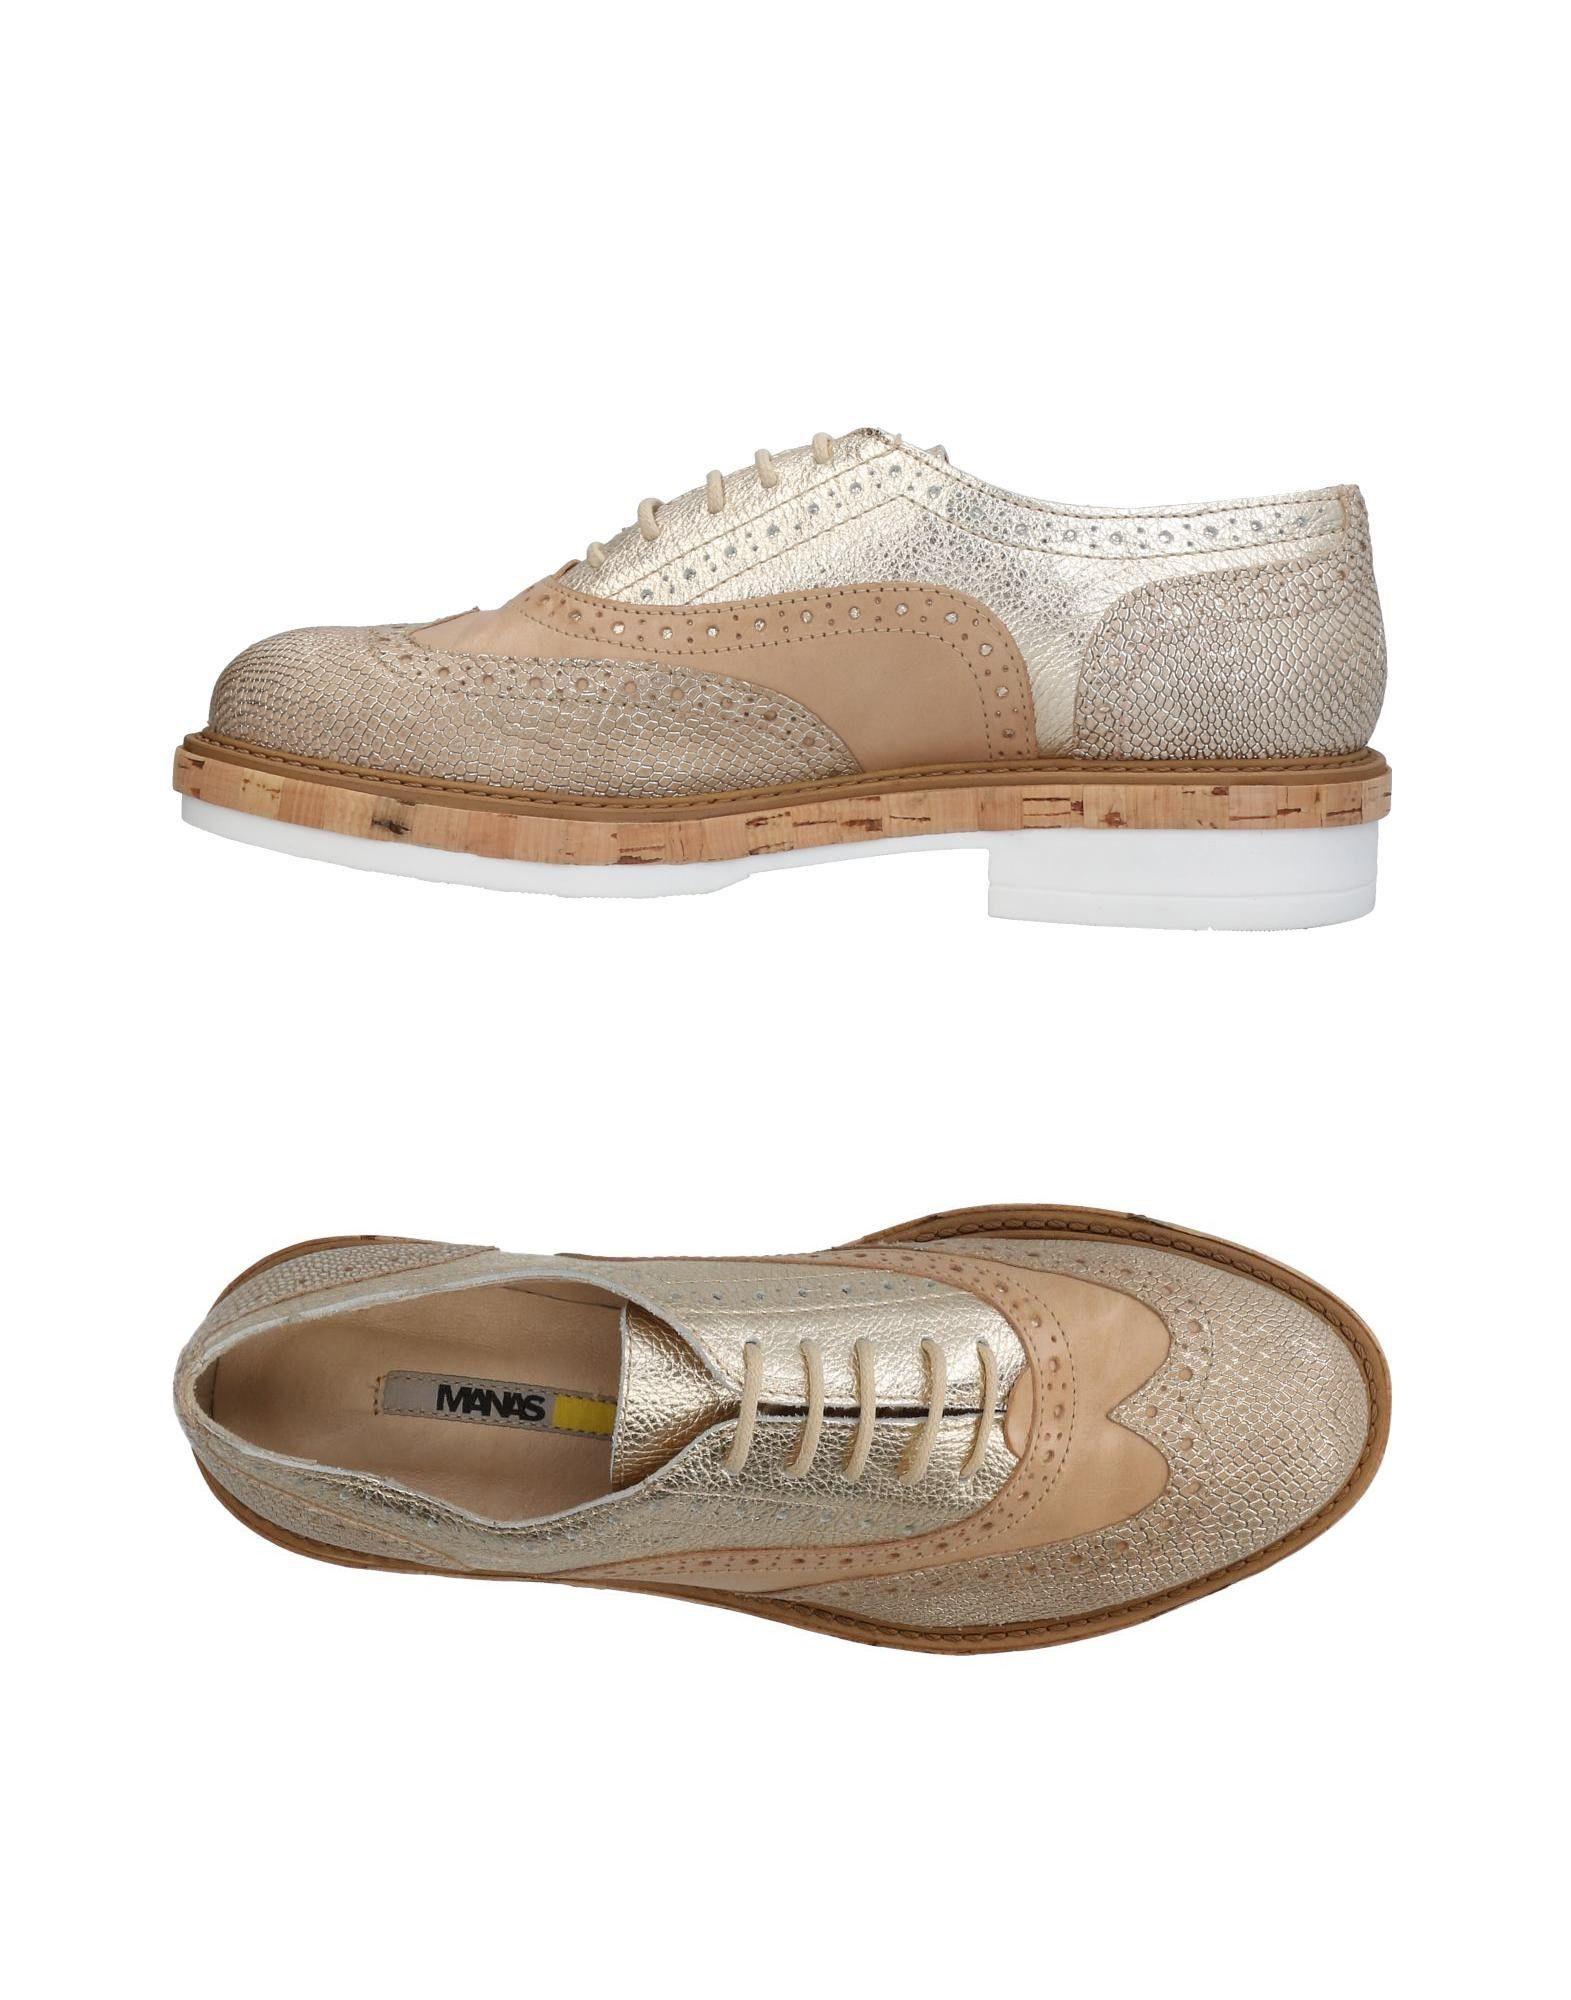 Manas Schnürschuhe Damen  11424449FU Gute Qualität Qualität Qualität beliebte Schuhe cca7bd